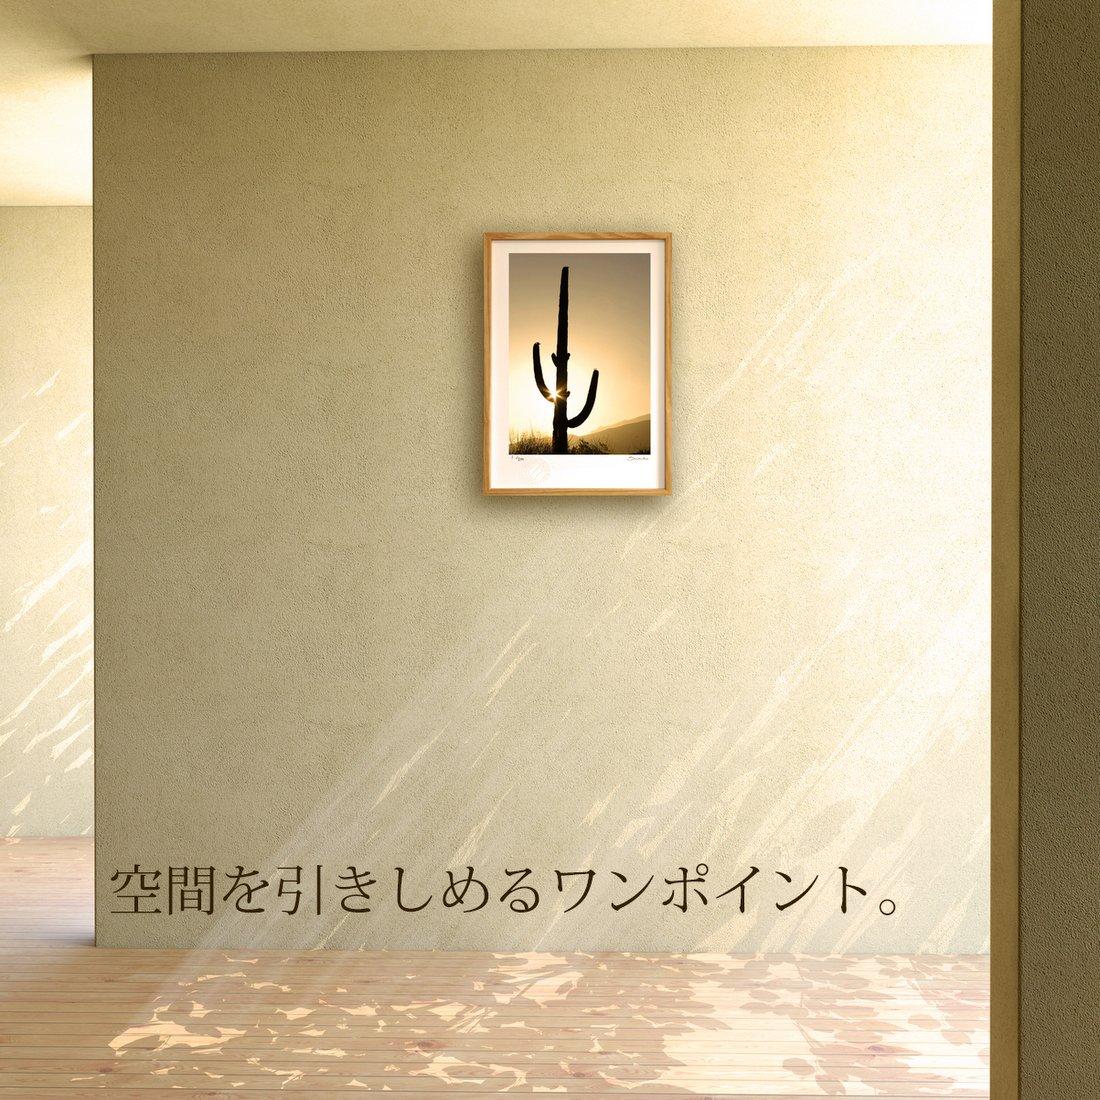 【版画 絵画】ラベンダー畑(スミコ スコット)/インテリア 壁掛け 額入り アート アートパネル アートフレーム